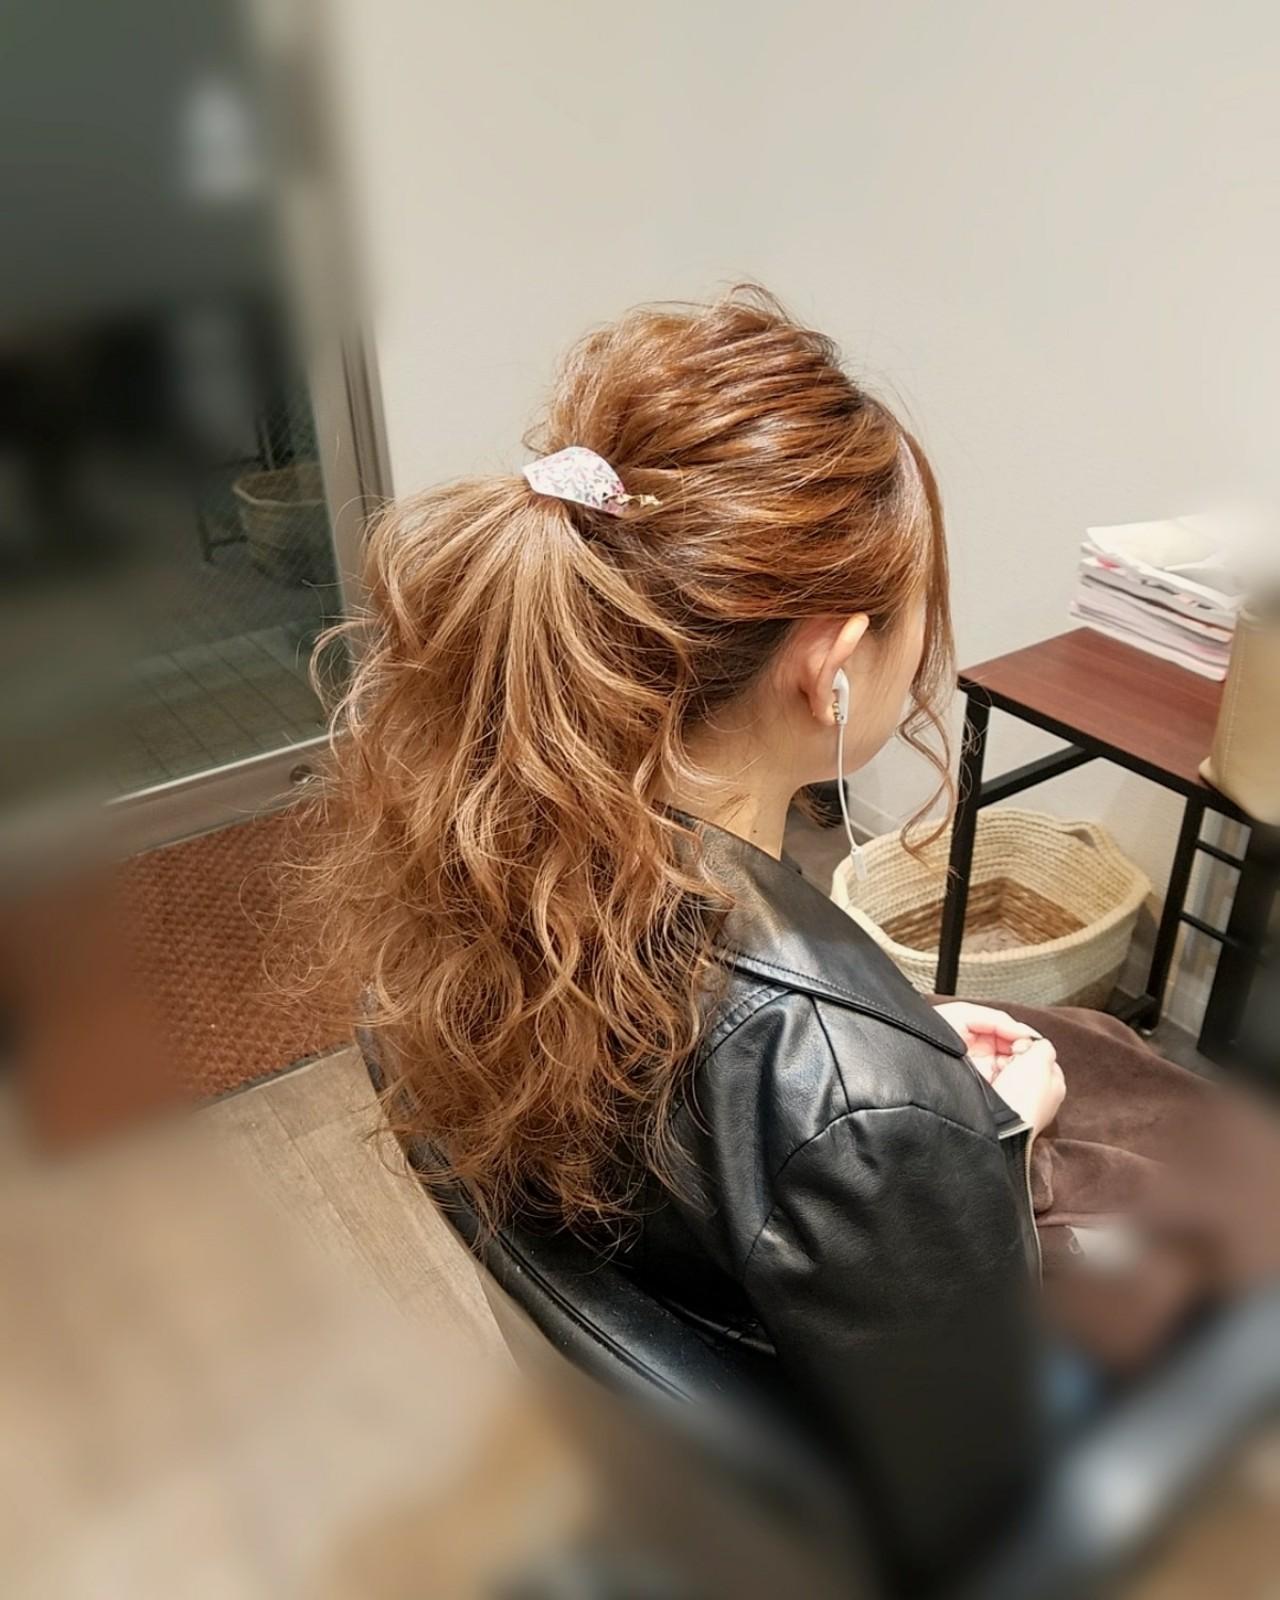 ヘアアレンジ アップスタイル フェミニン ロング ヘアスタイルや髪型の写真・画像